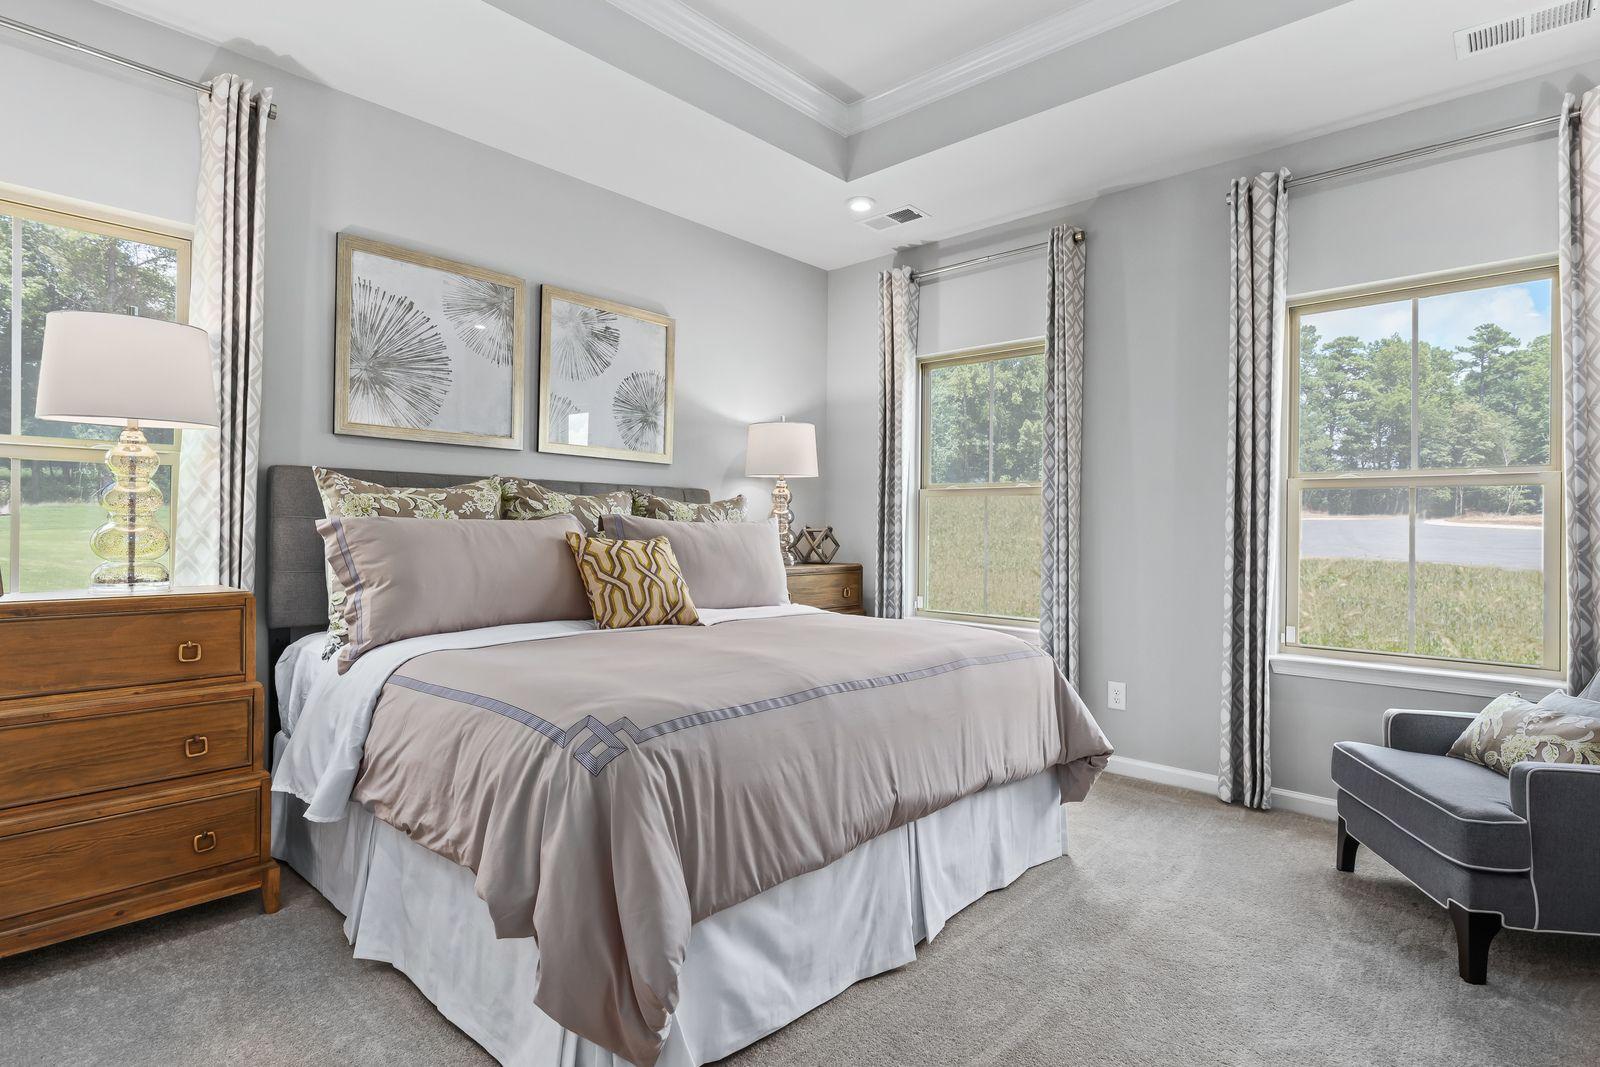 Bedroom featured in the Calvert By Ryan Homes in Warren County, NJ